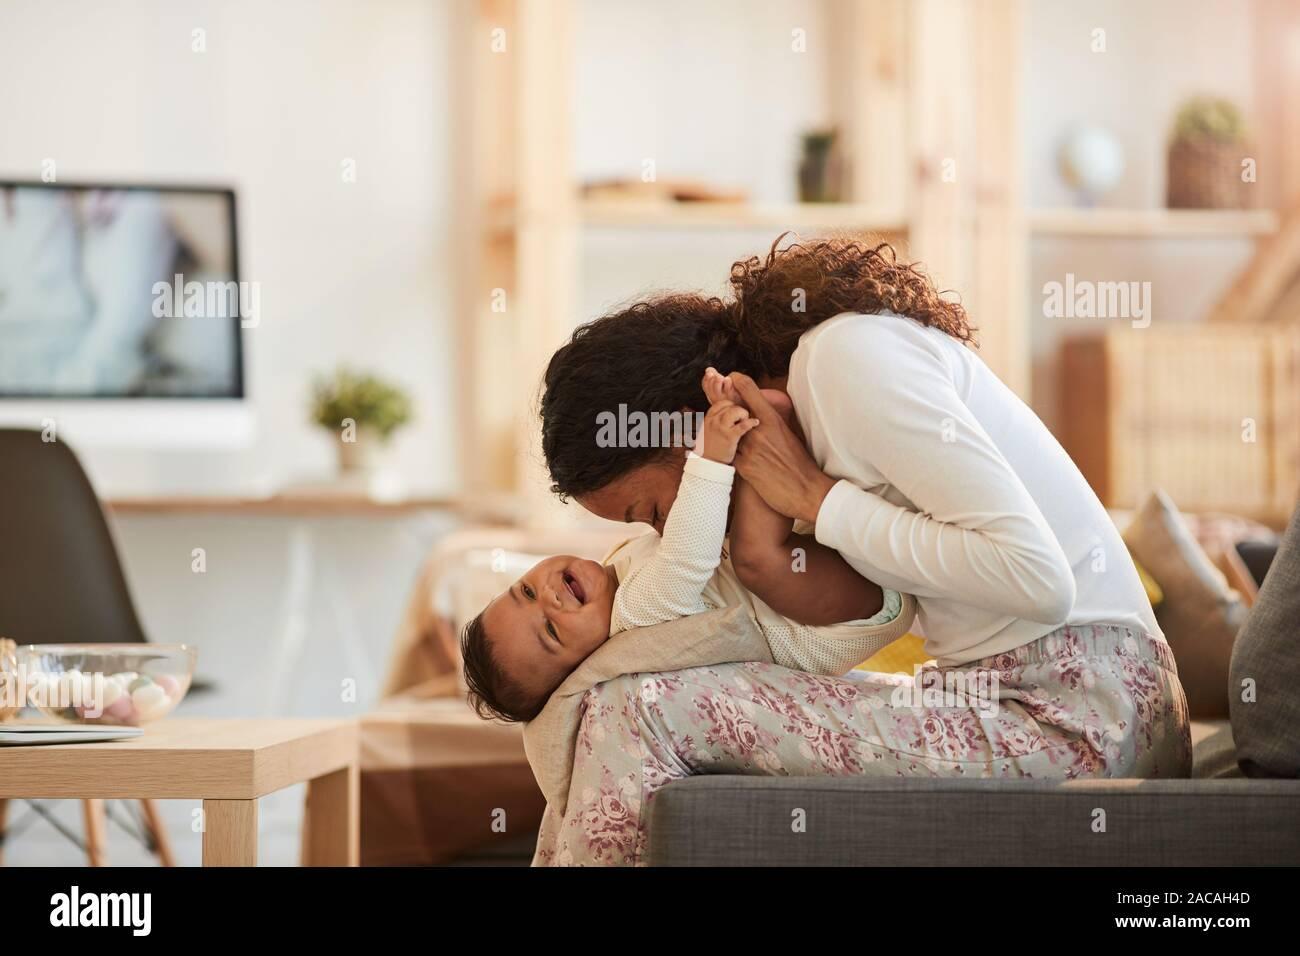 Vue de côté d'Entraide Solidarité portrait Mère embrassant mignon bébé garçon tout en jouant à la maison, copy space Banque D'Images